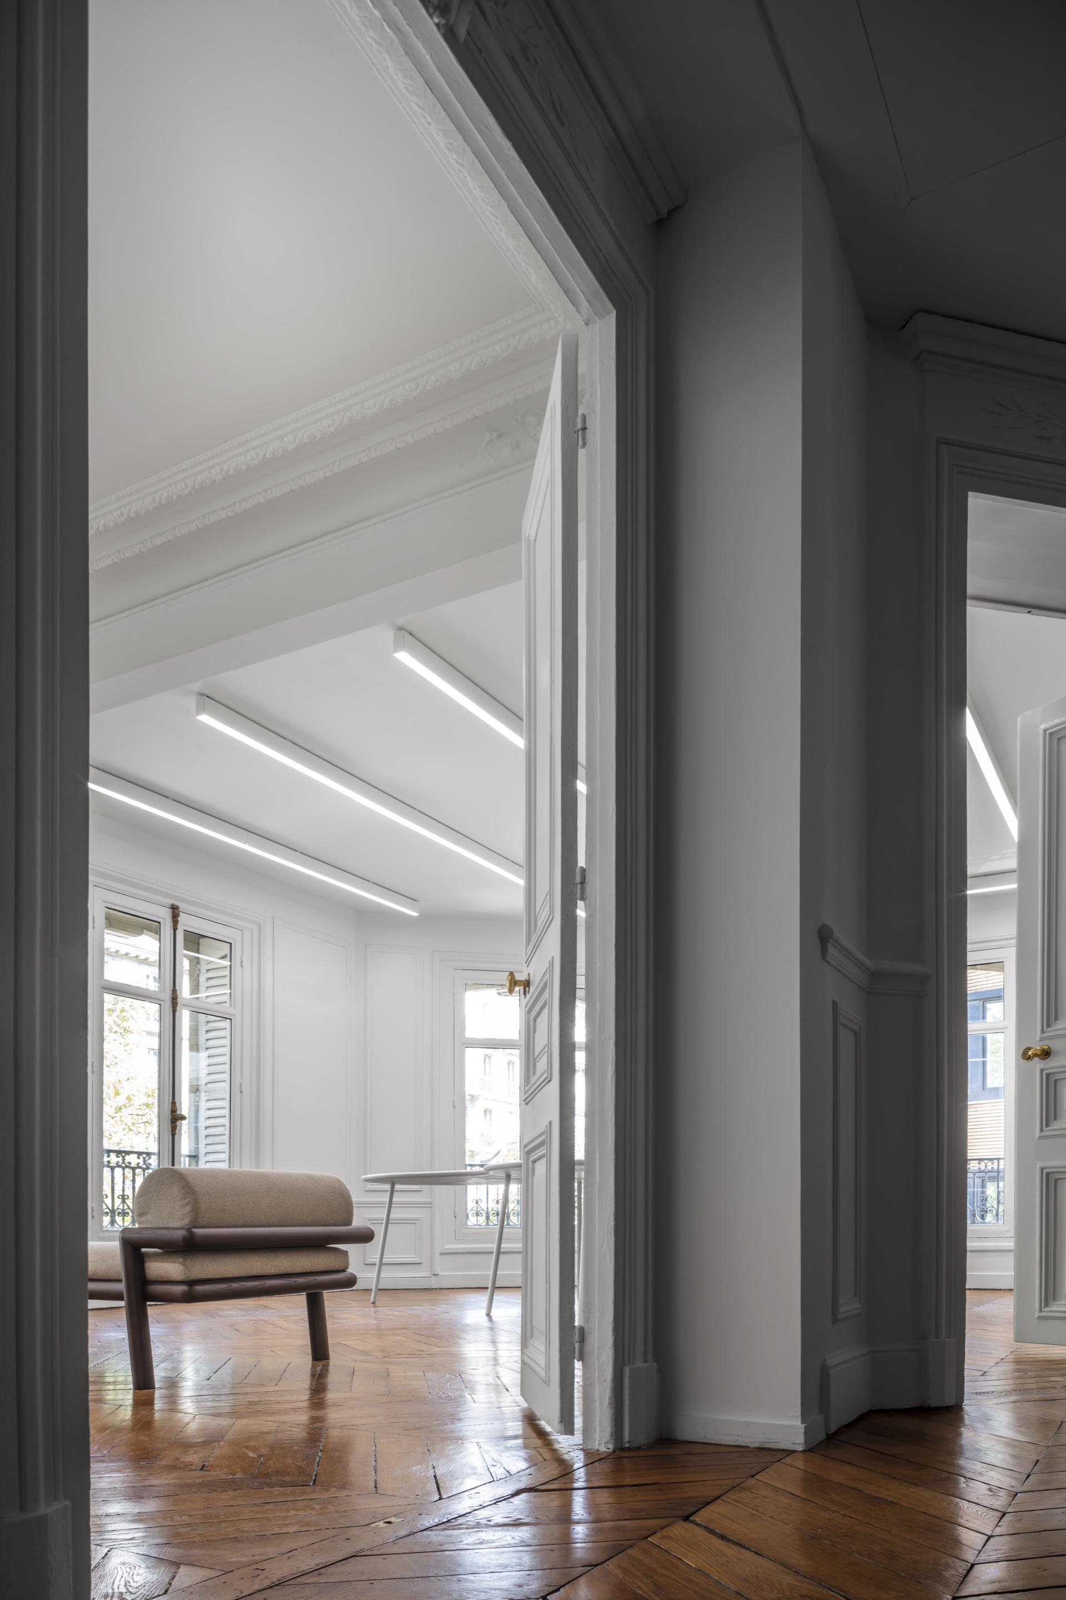 marazzi showroom parigi a saint germain des pr s marazzi. Black Bedroom Furniture Sets. Home Design Ideas